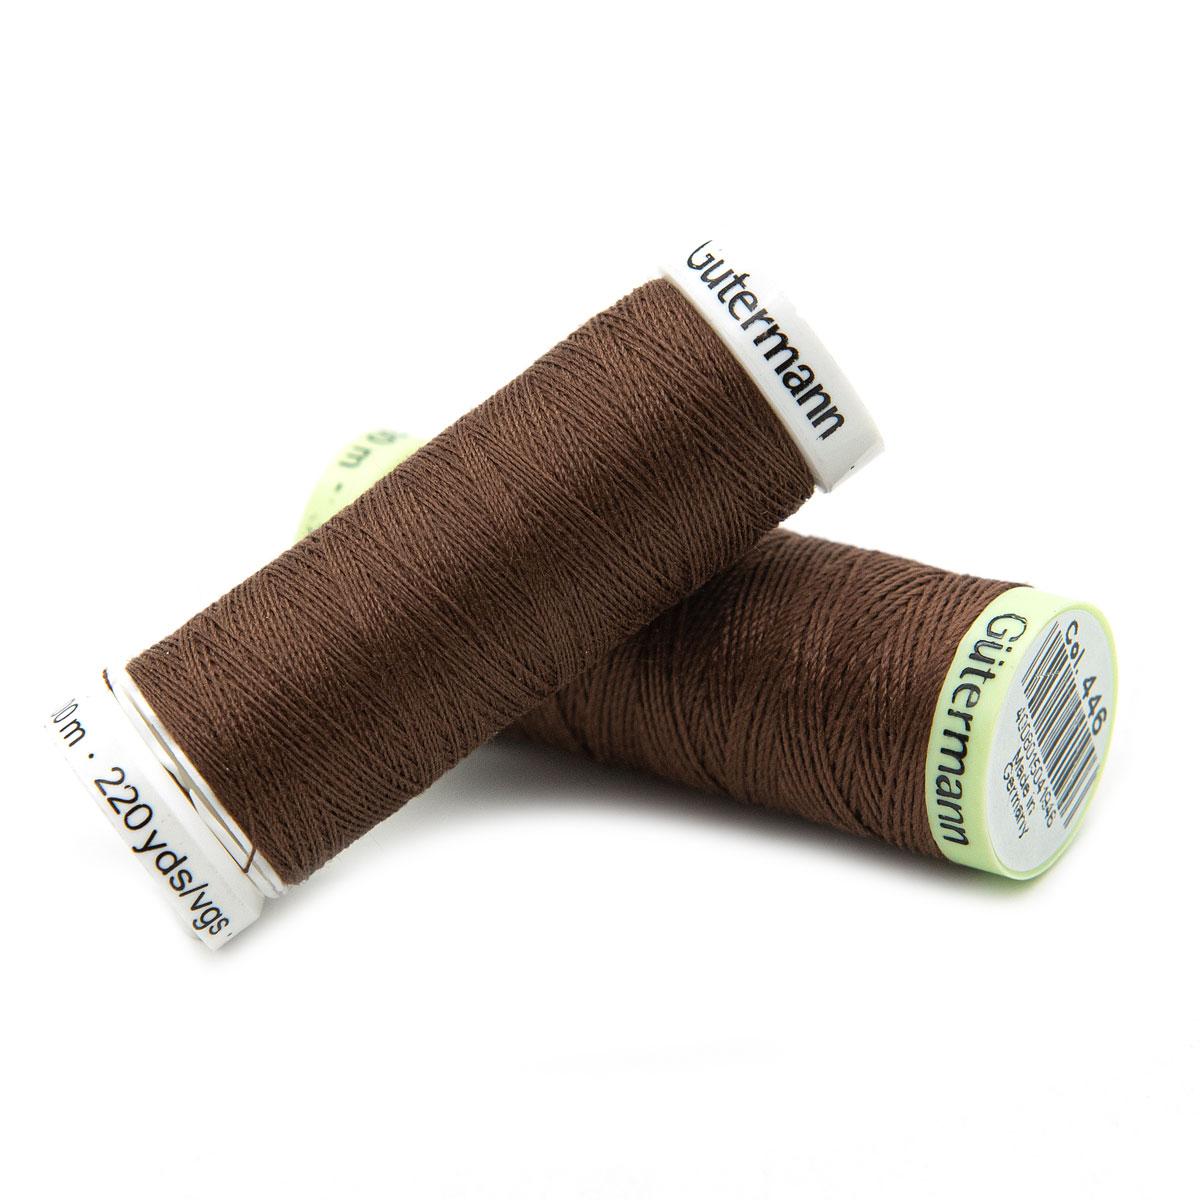 Набор швейных нитей (744506 Нить Top Stitch 30м, 748277 Нить Sew-All 200м) 2шт/упак Гутерманн, 446 сигнальный коричневый